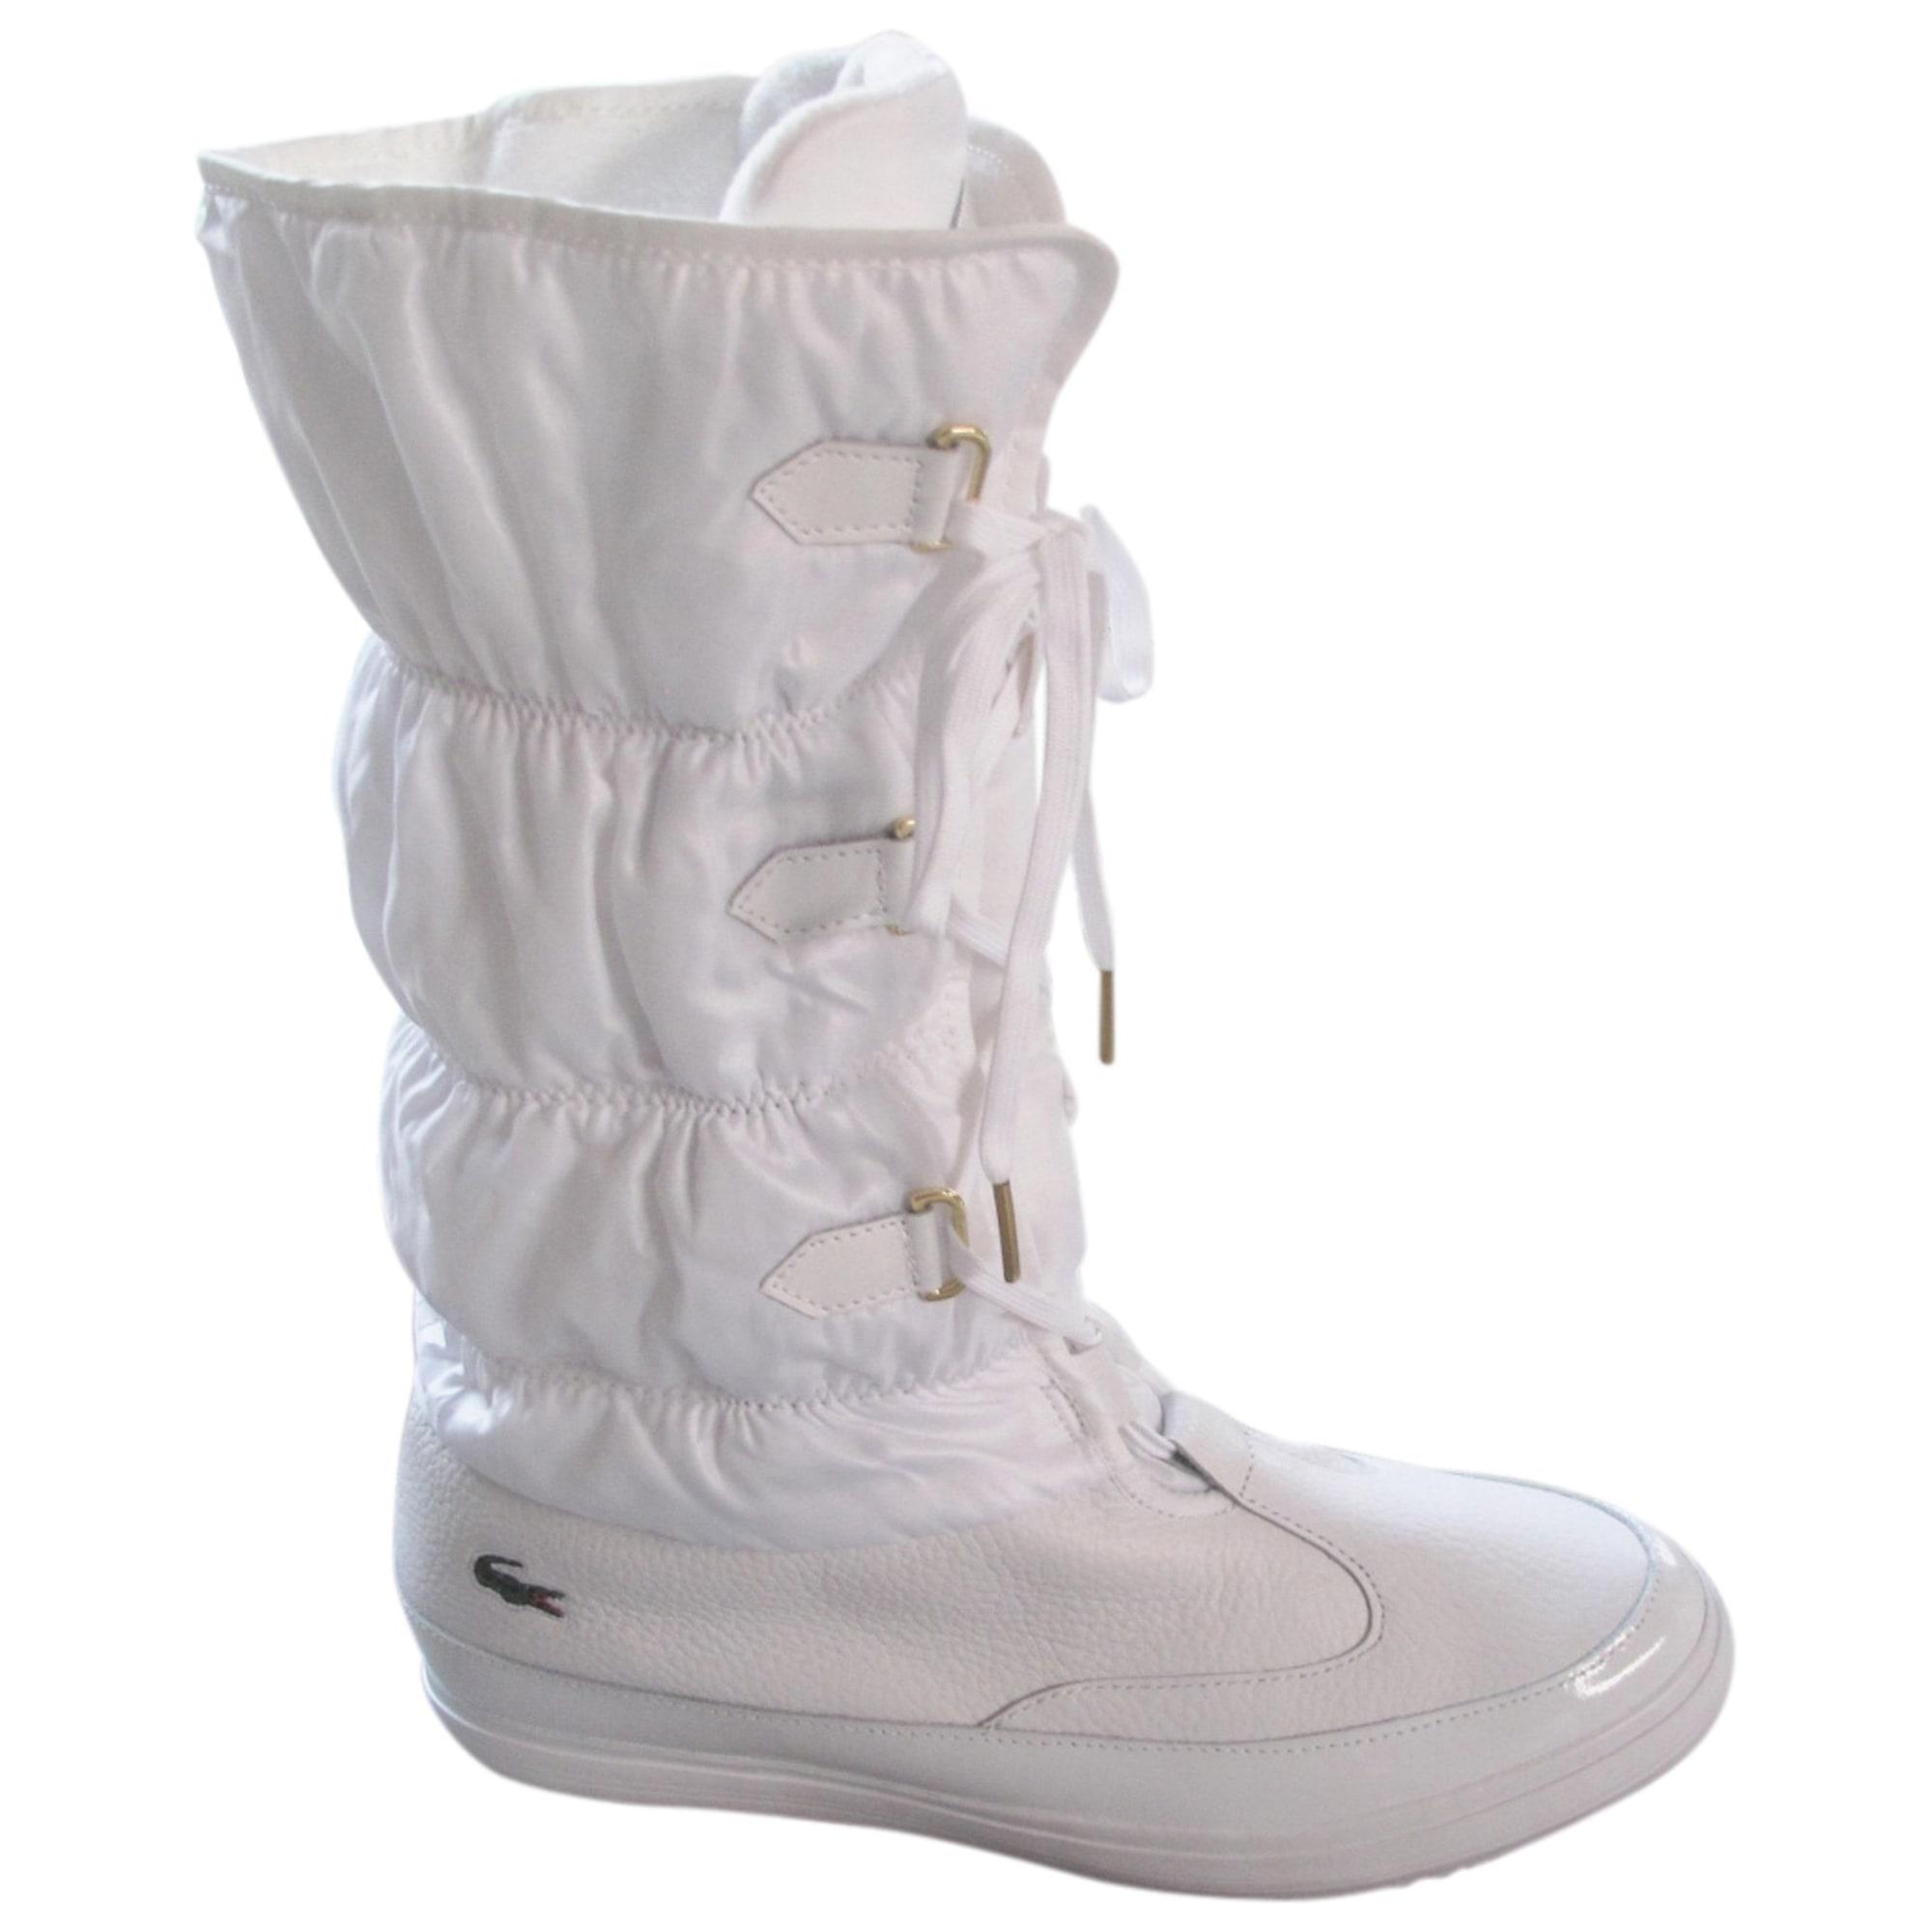 b78603a1cae25d Bottes de neige LACOSTE 40 blanc vendu par Doumee - 3470380